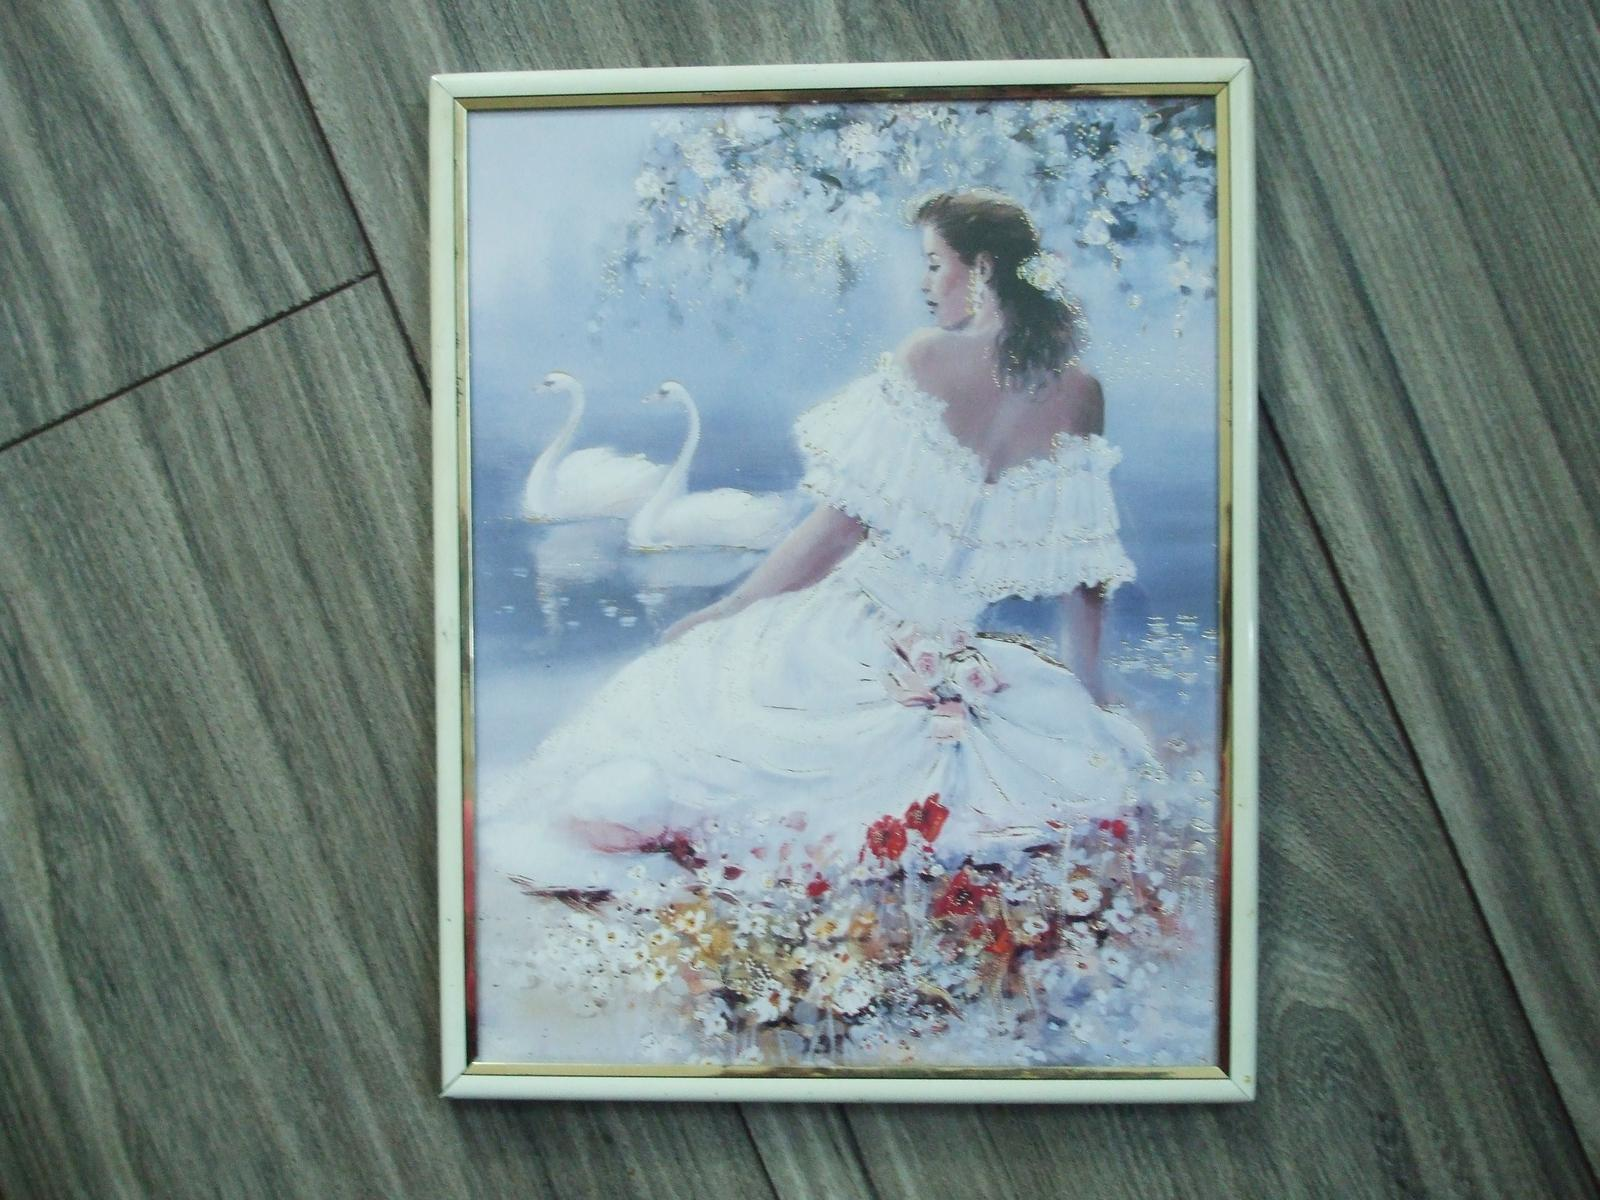 Obraz v rámiku so sklom 25 x 20 cm - Obrázok č. 1